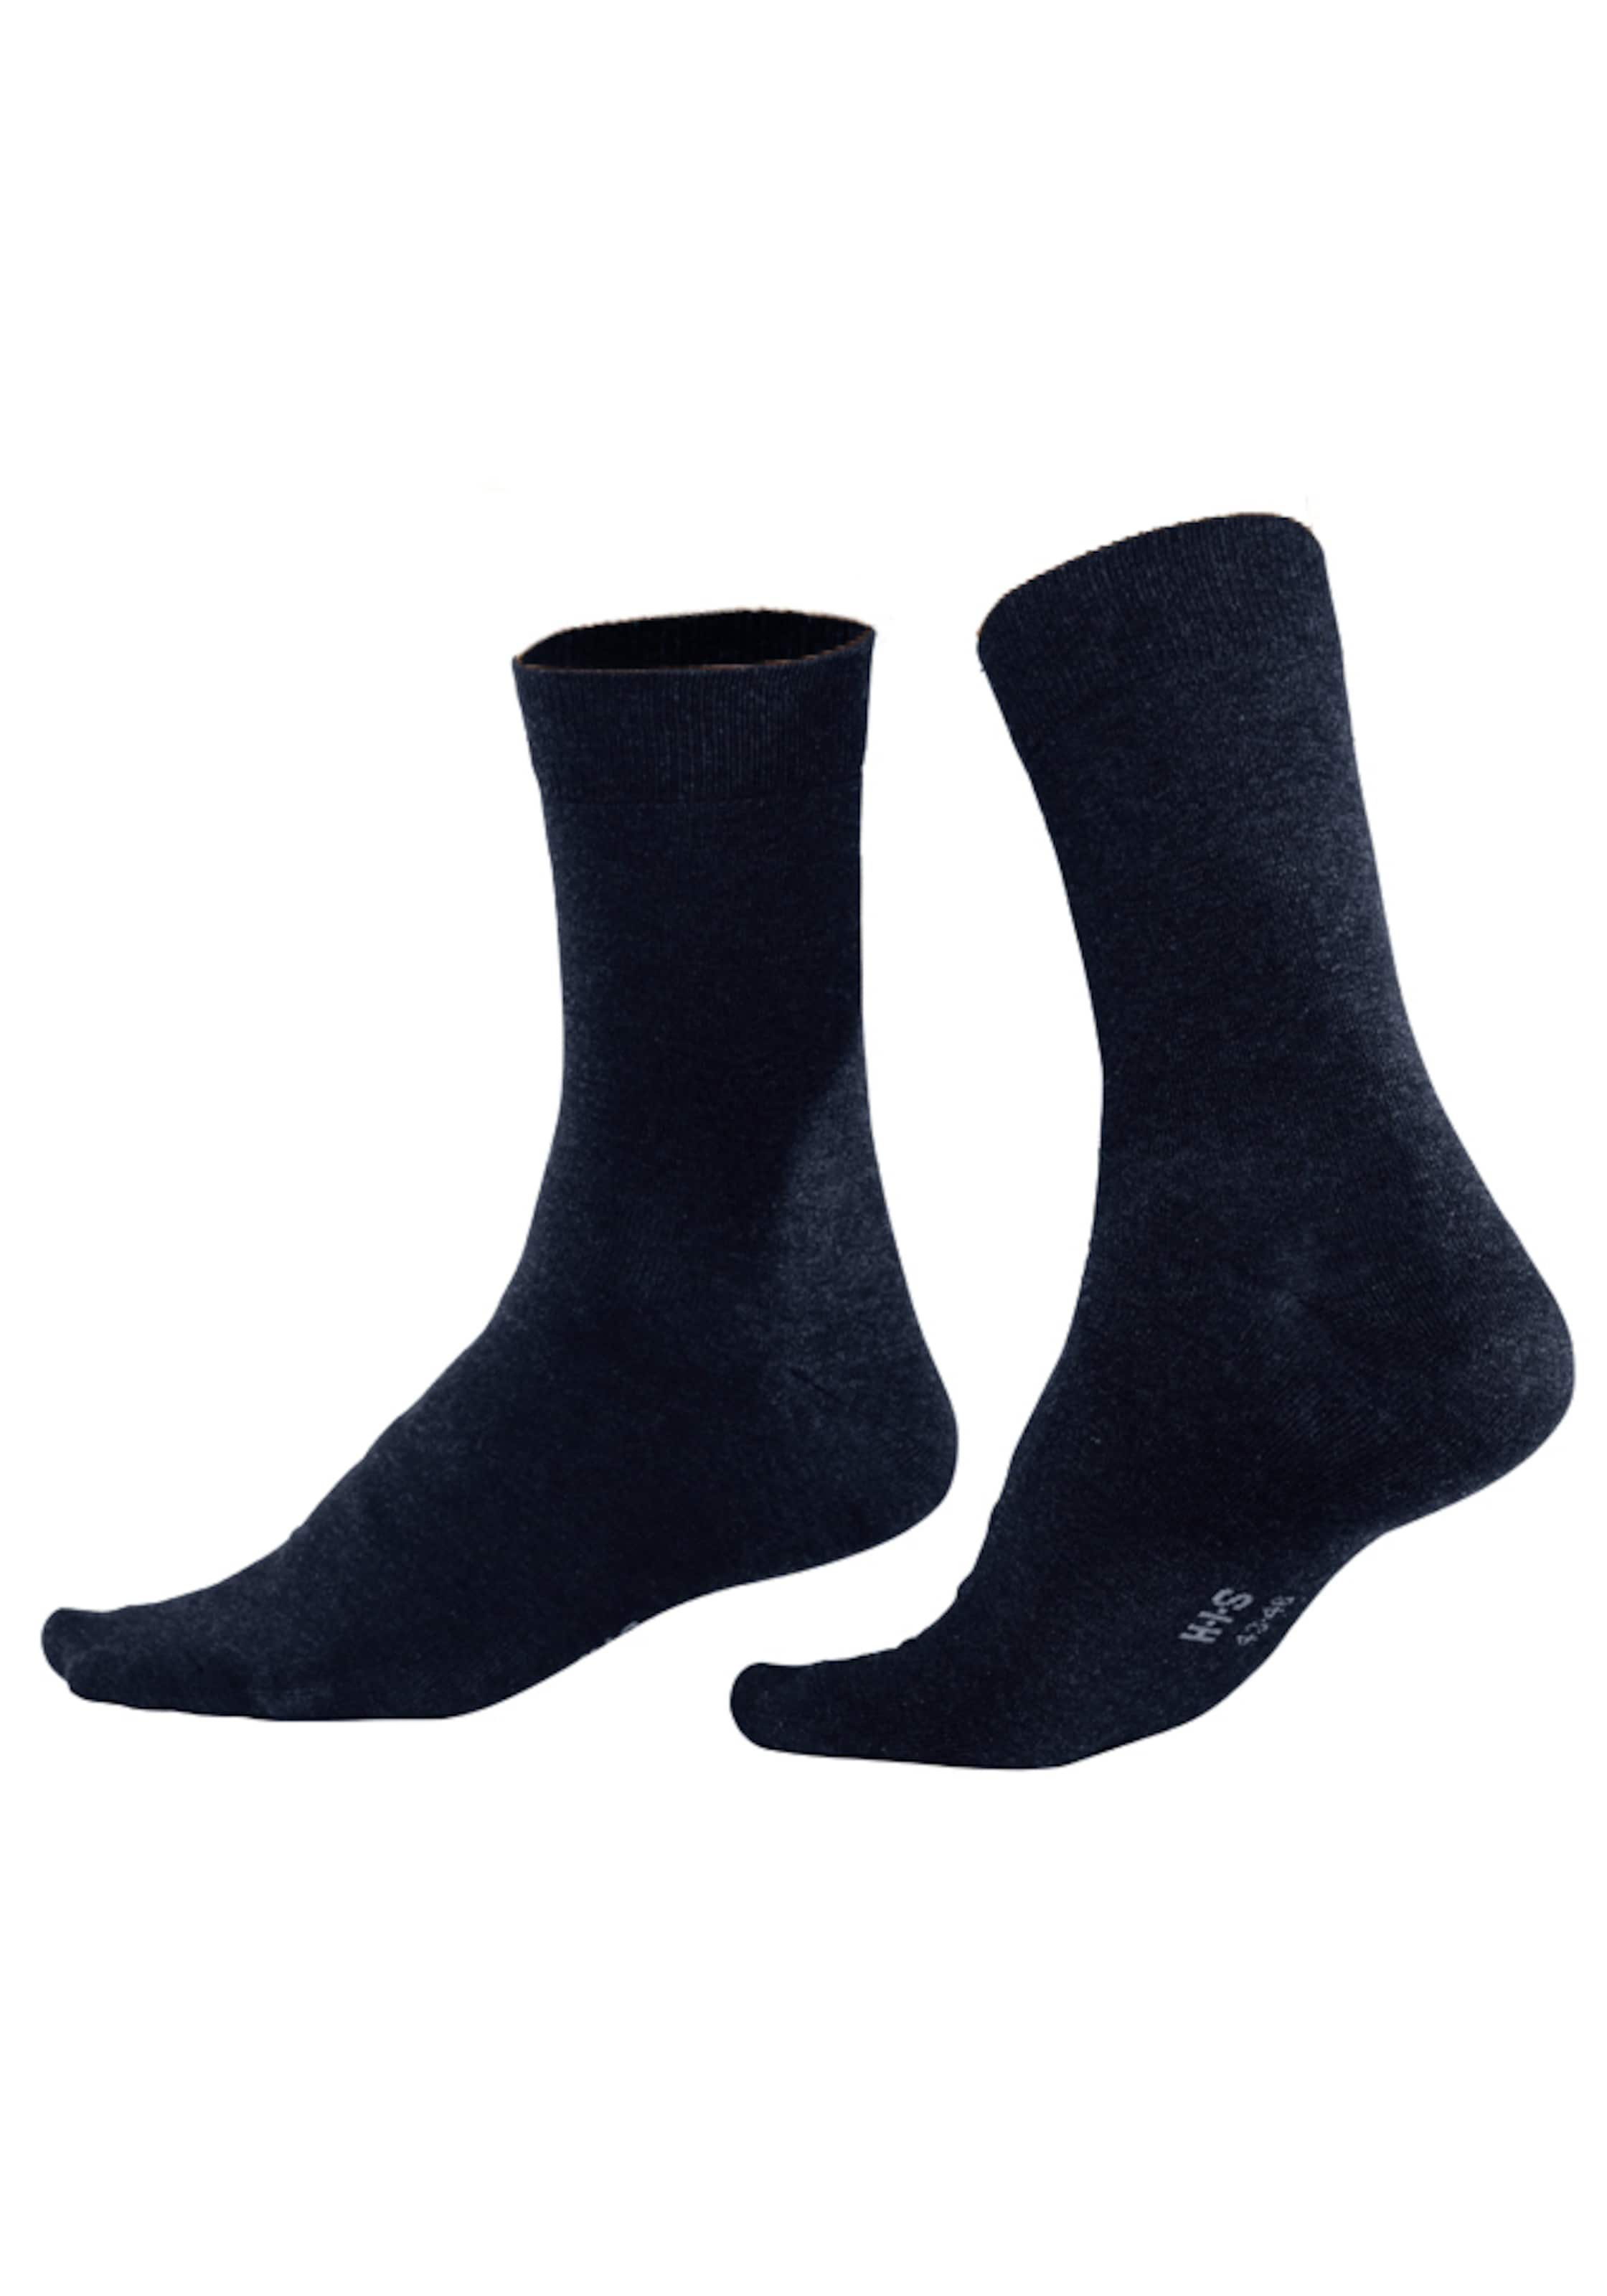 Socken8 s Schwarz H i PaarIn BordeCxQW